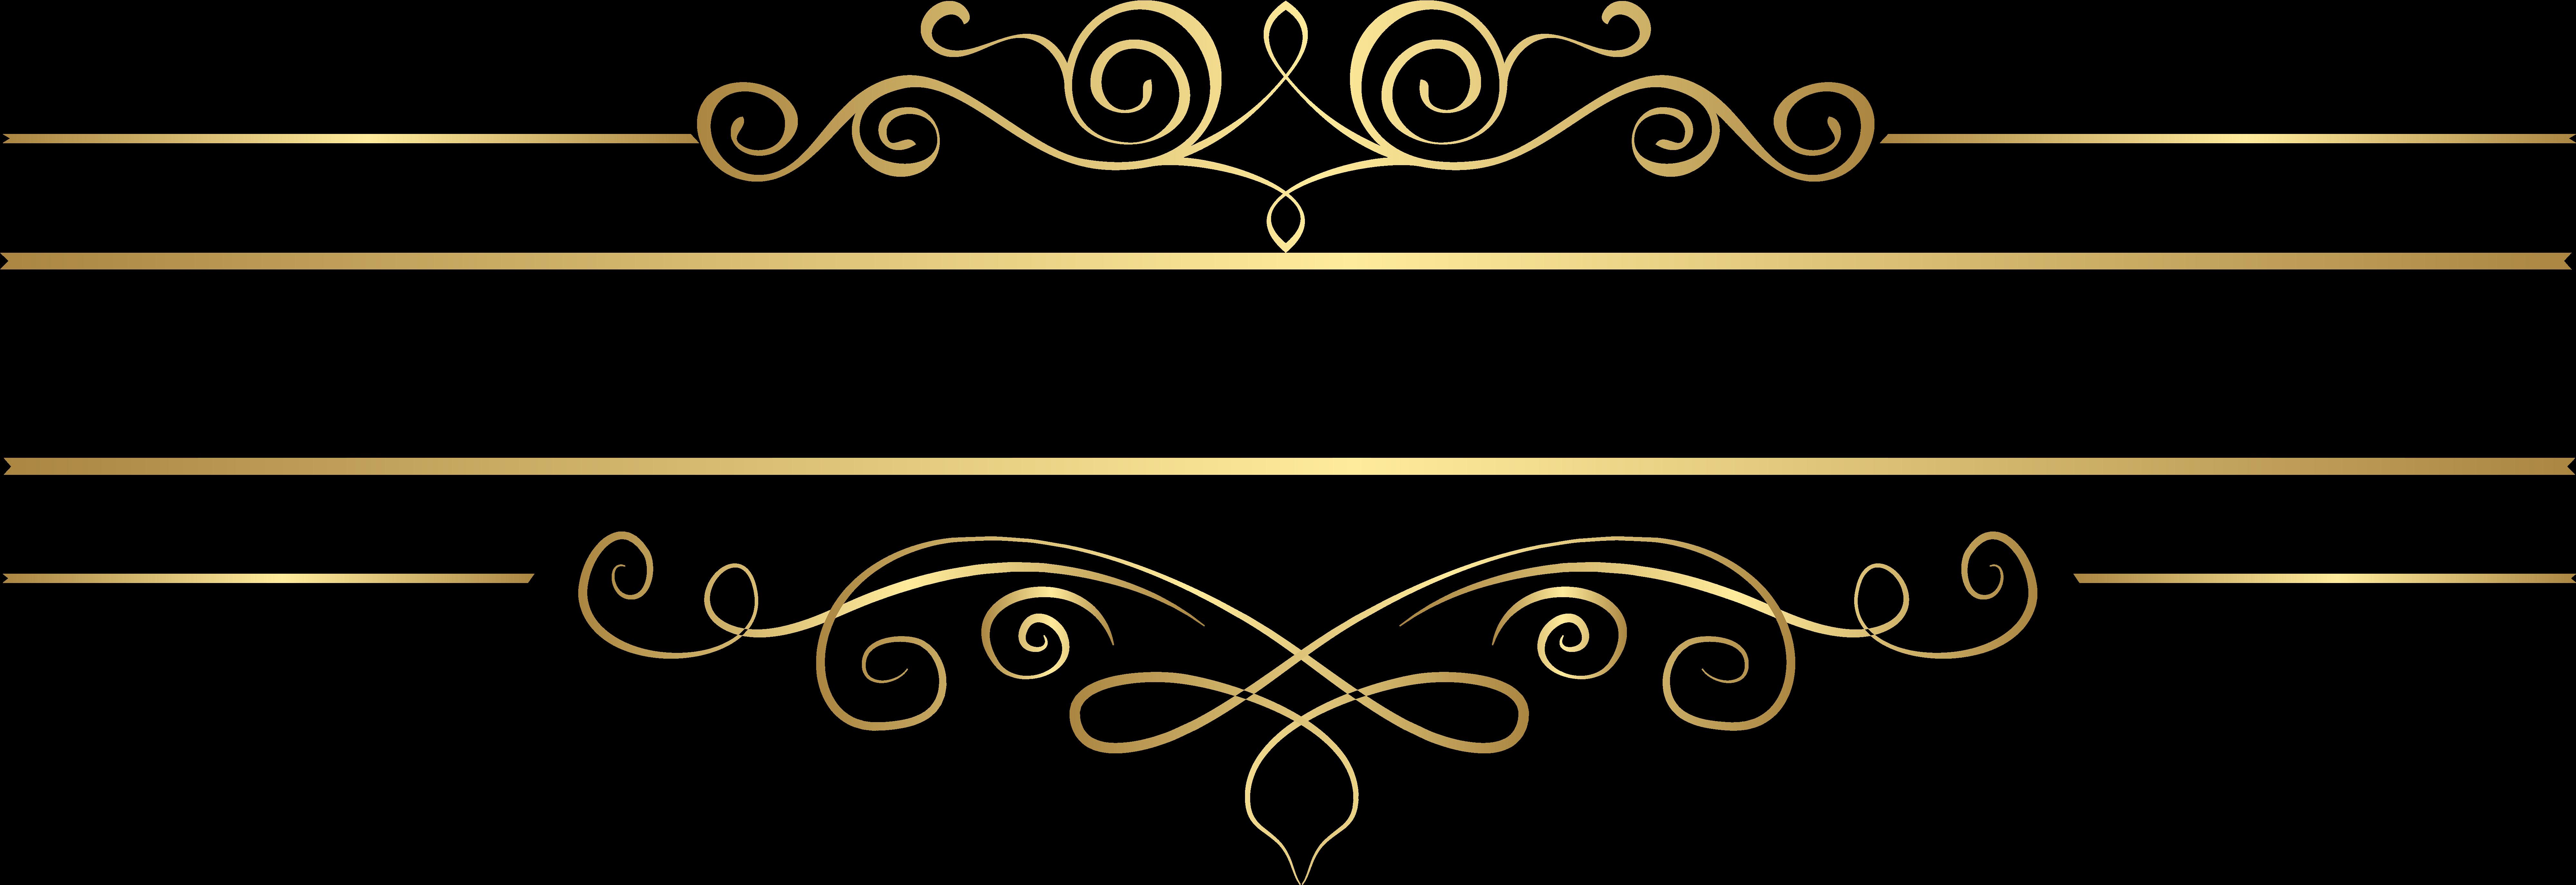 Transparent line clipart - Decorative Element Transparent Clip Art Gallery Yopriceville - Gold Decorative Lines Png